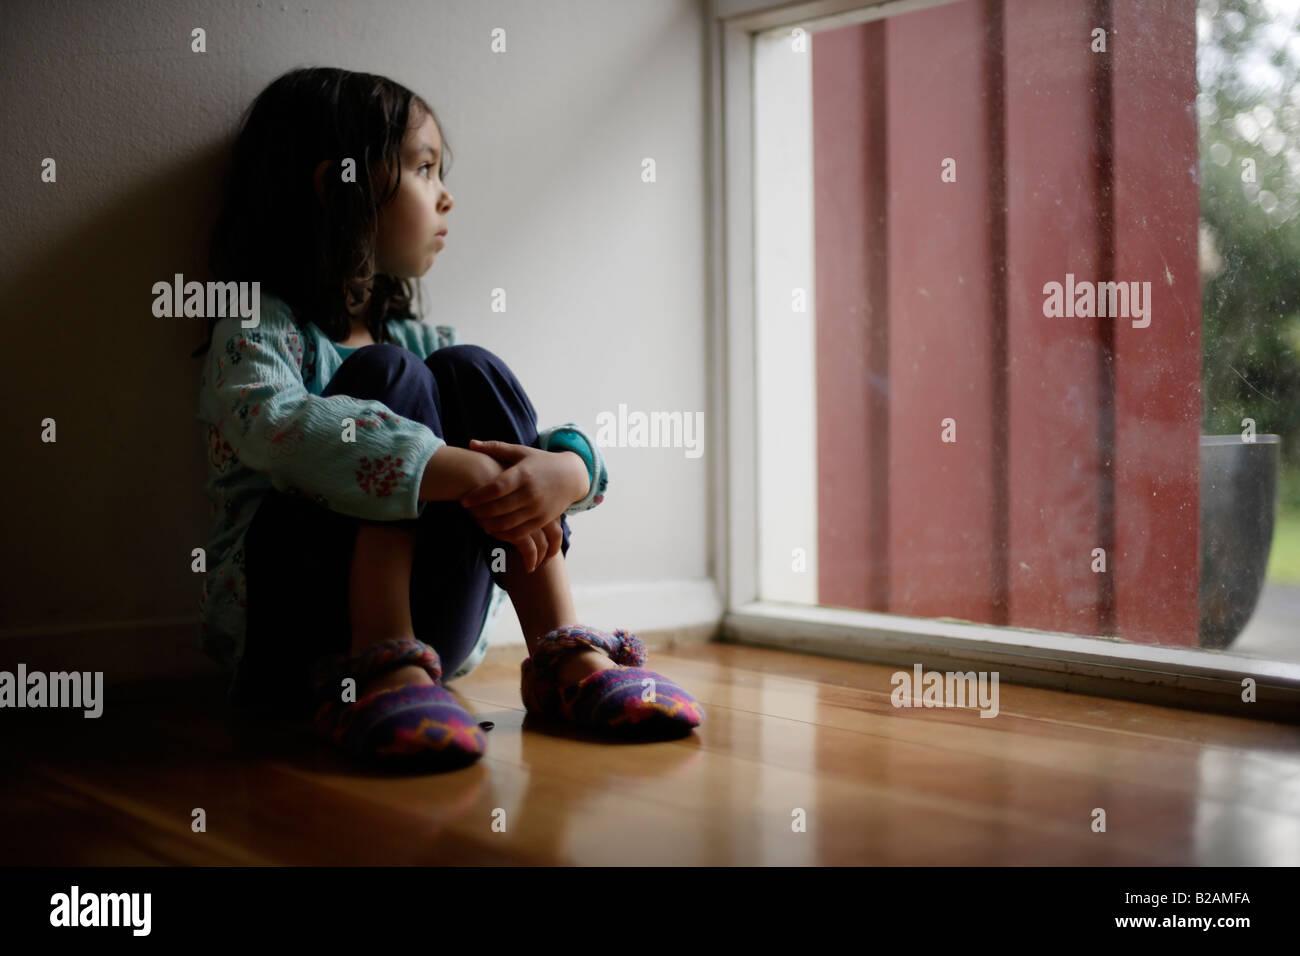 Retrato de niña entre 5 sat en el suelo junto a la ventana de raza mixta y caucásicos étnico indio Imagen De Stock